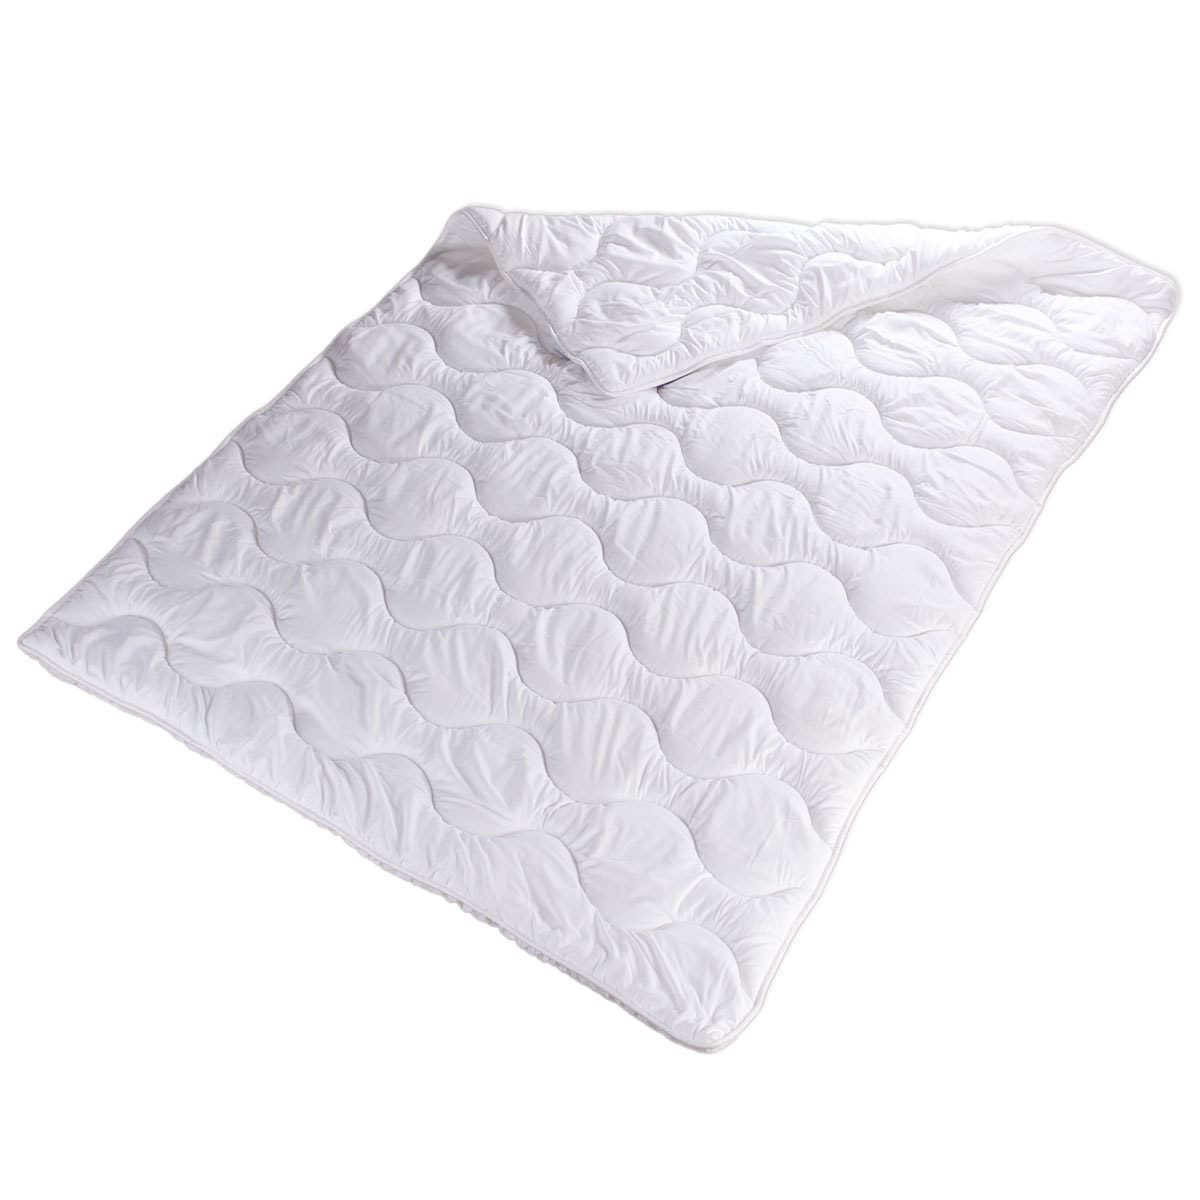 bettwarenshop microfaser set 4 jahreszeiten bettdecke und kopfkissen g nstig online kaufen bei. Black Bedroom Furniture Sets. Home Design Ideas